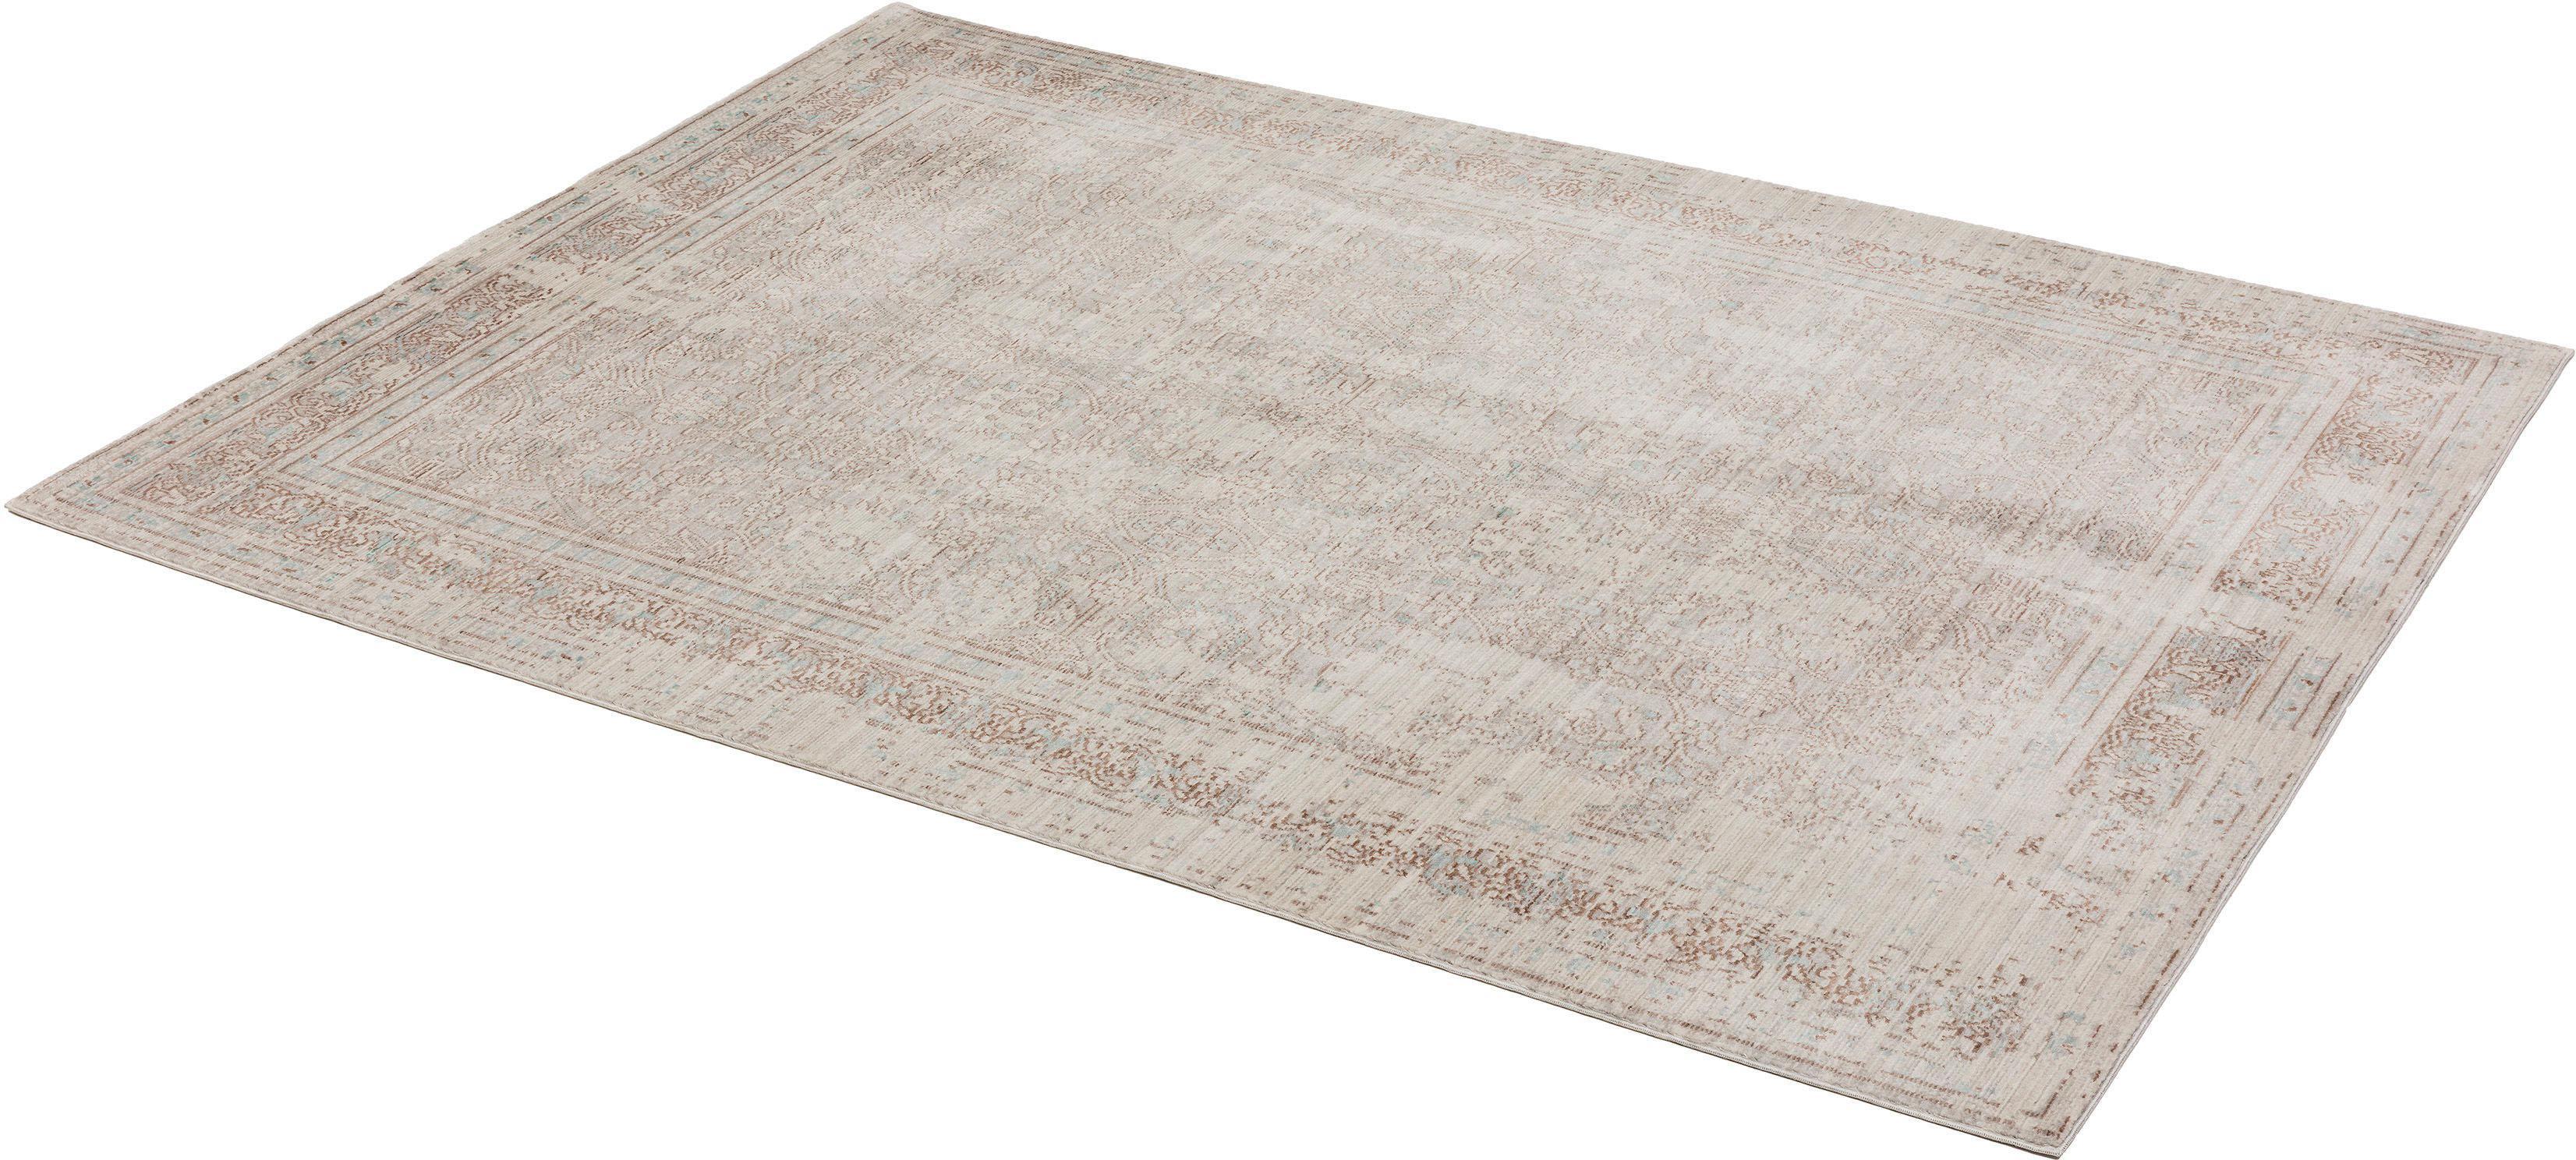 Teppich Shining 2 SCHÖNER WOHNEN-Kollektion rechteckig Höhe 5 mm